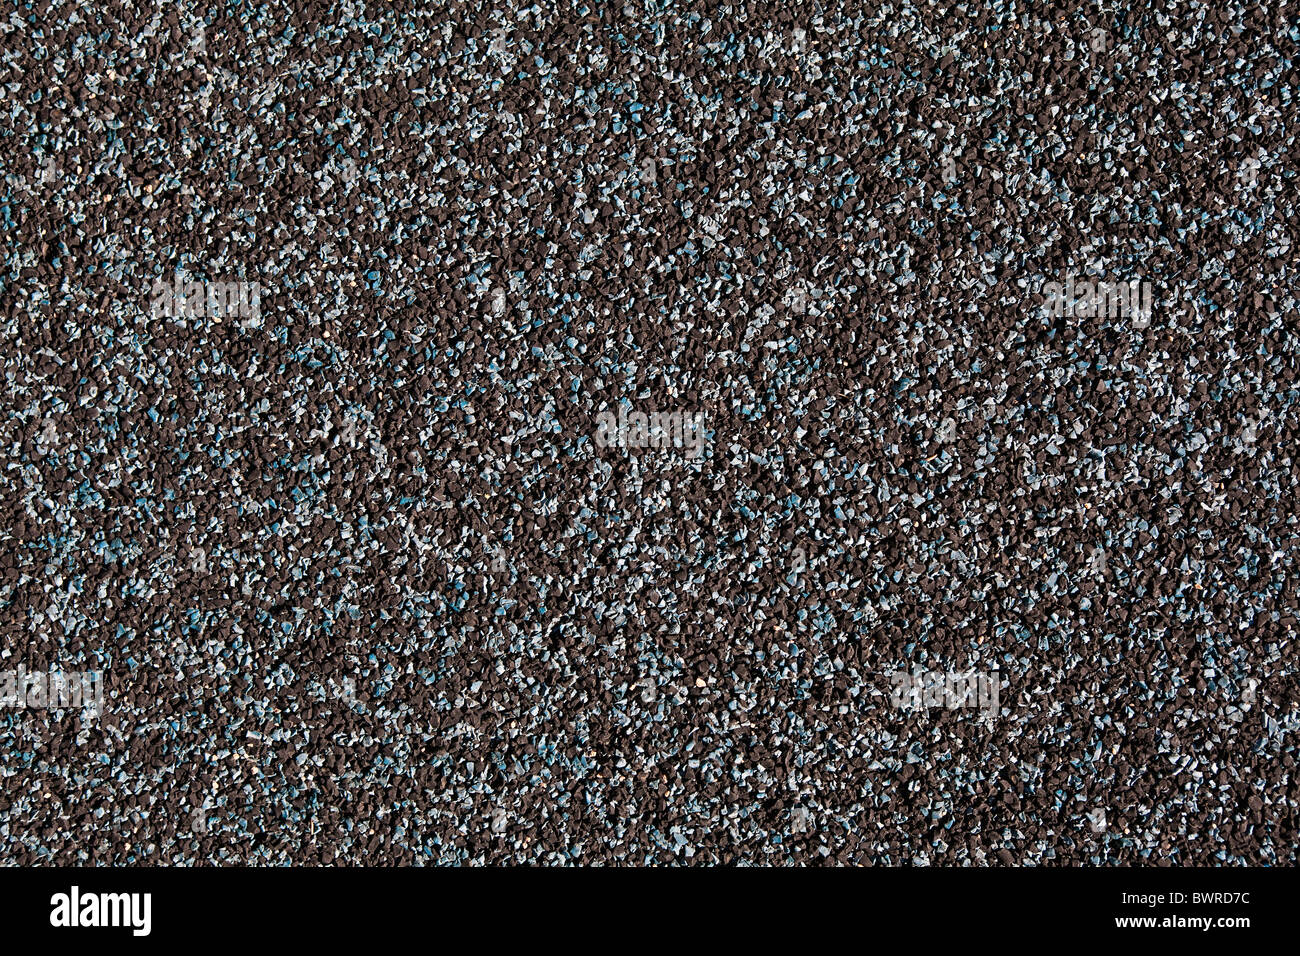 Squishy playground superficie de goma textura de fondo. Imagen De Stock